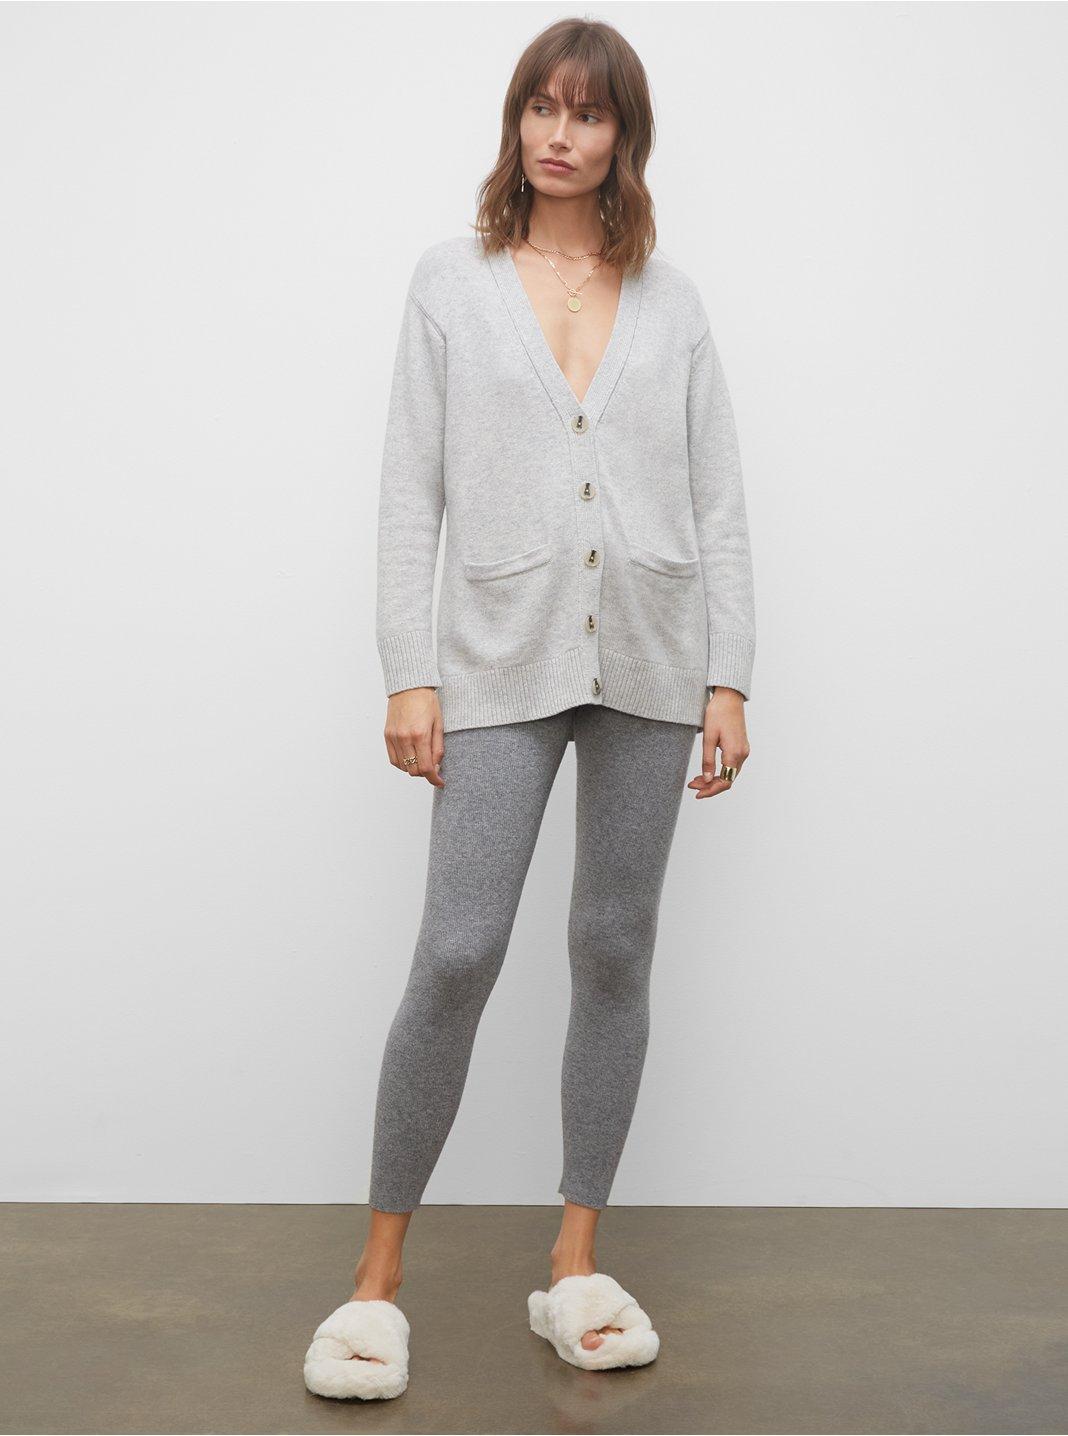 클럽 모나코 우먼 레깅스 Club Monaco Wool & Cashmere Blend Leggings,Grey Htr